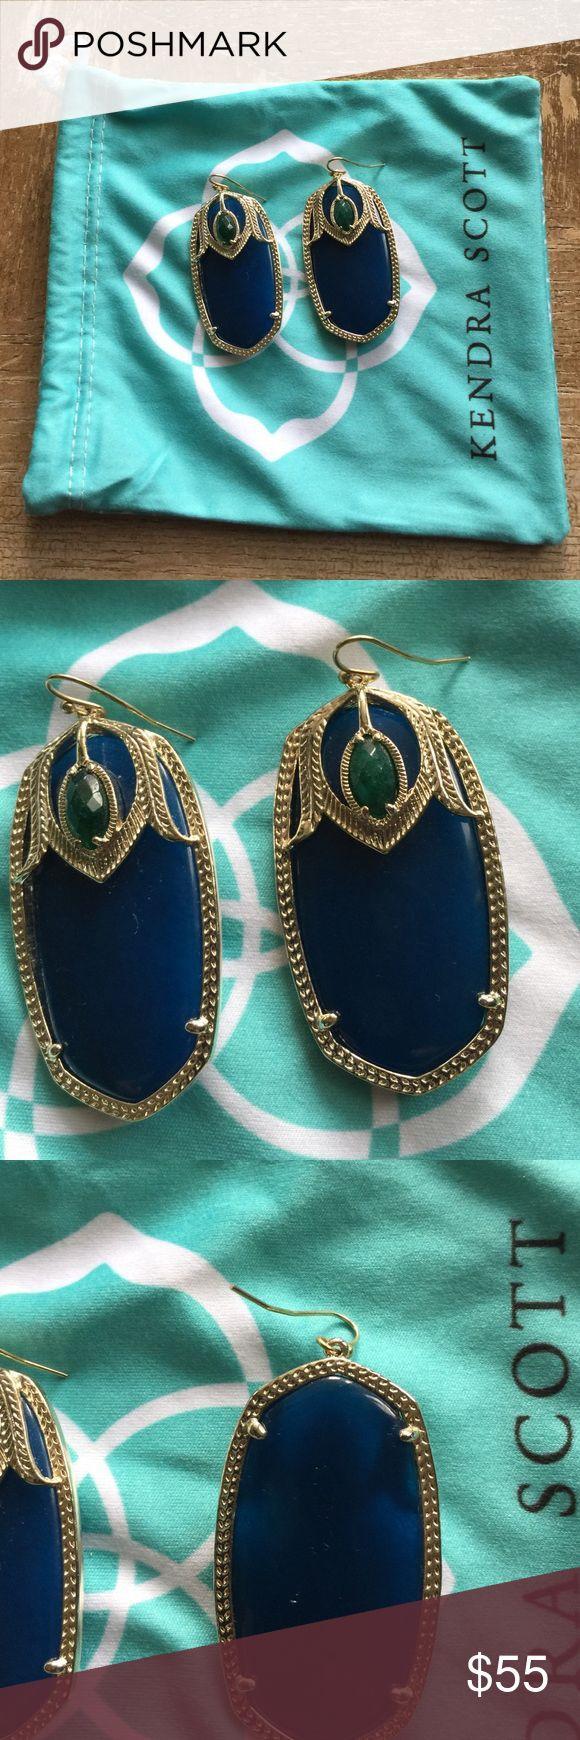 Earrings Authentic Kendra Scott Earrings Authentic Kendra Scott Karen Scott Jewelry Earrings